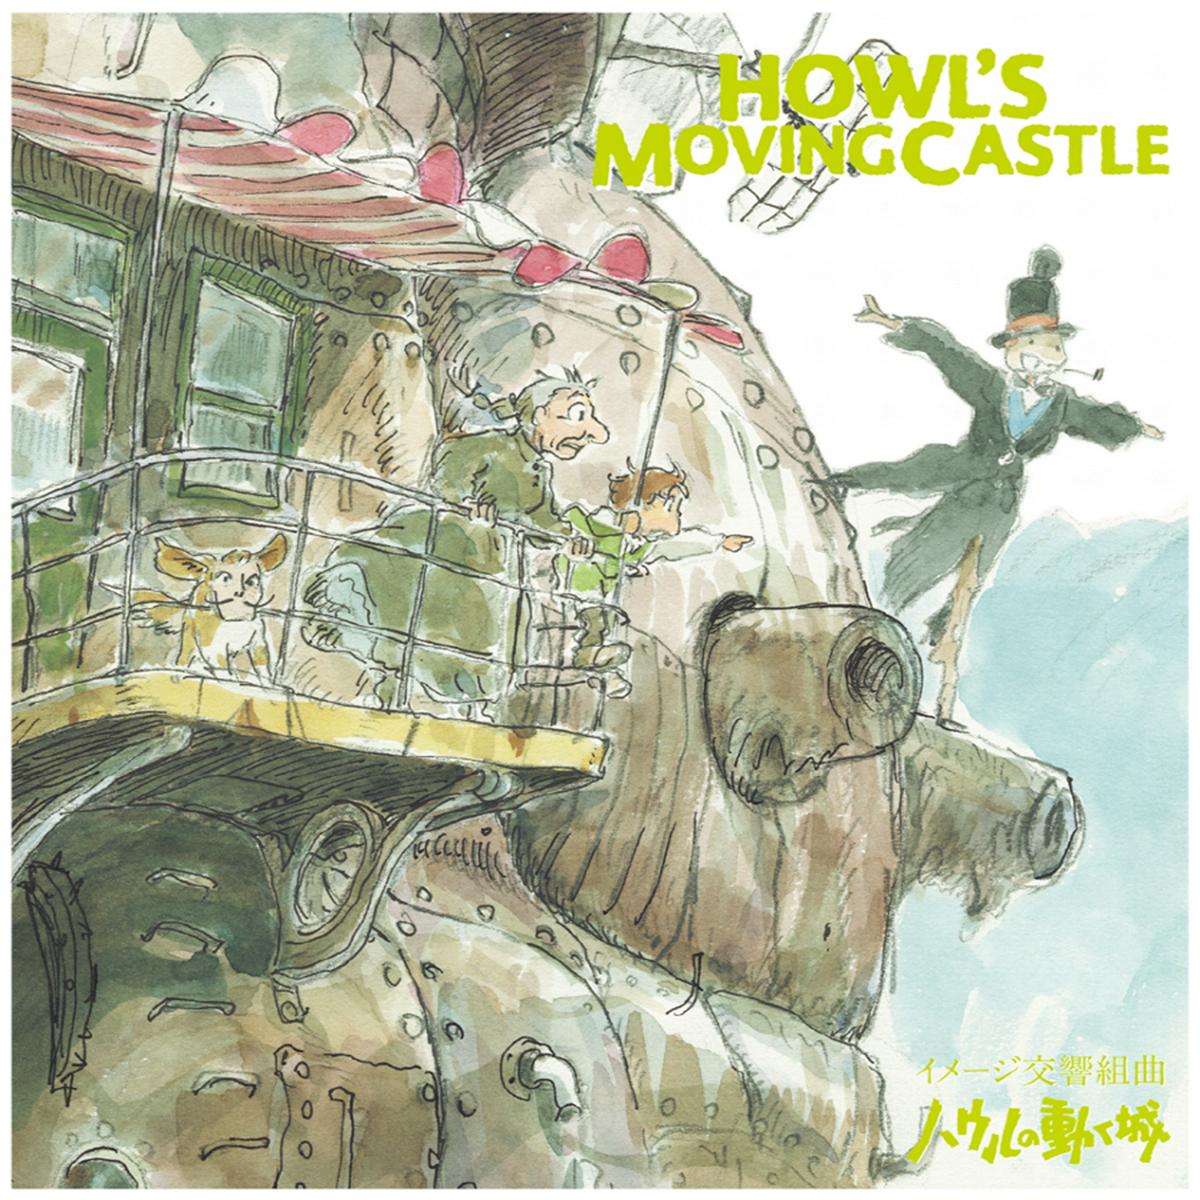 Howl's Moving Castle: Image Symphonic Suite